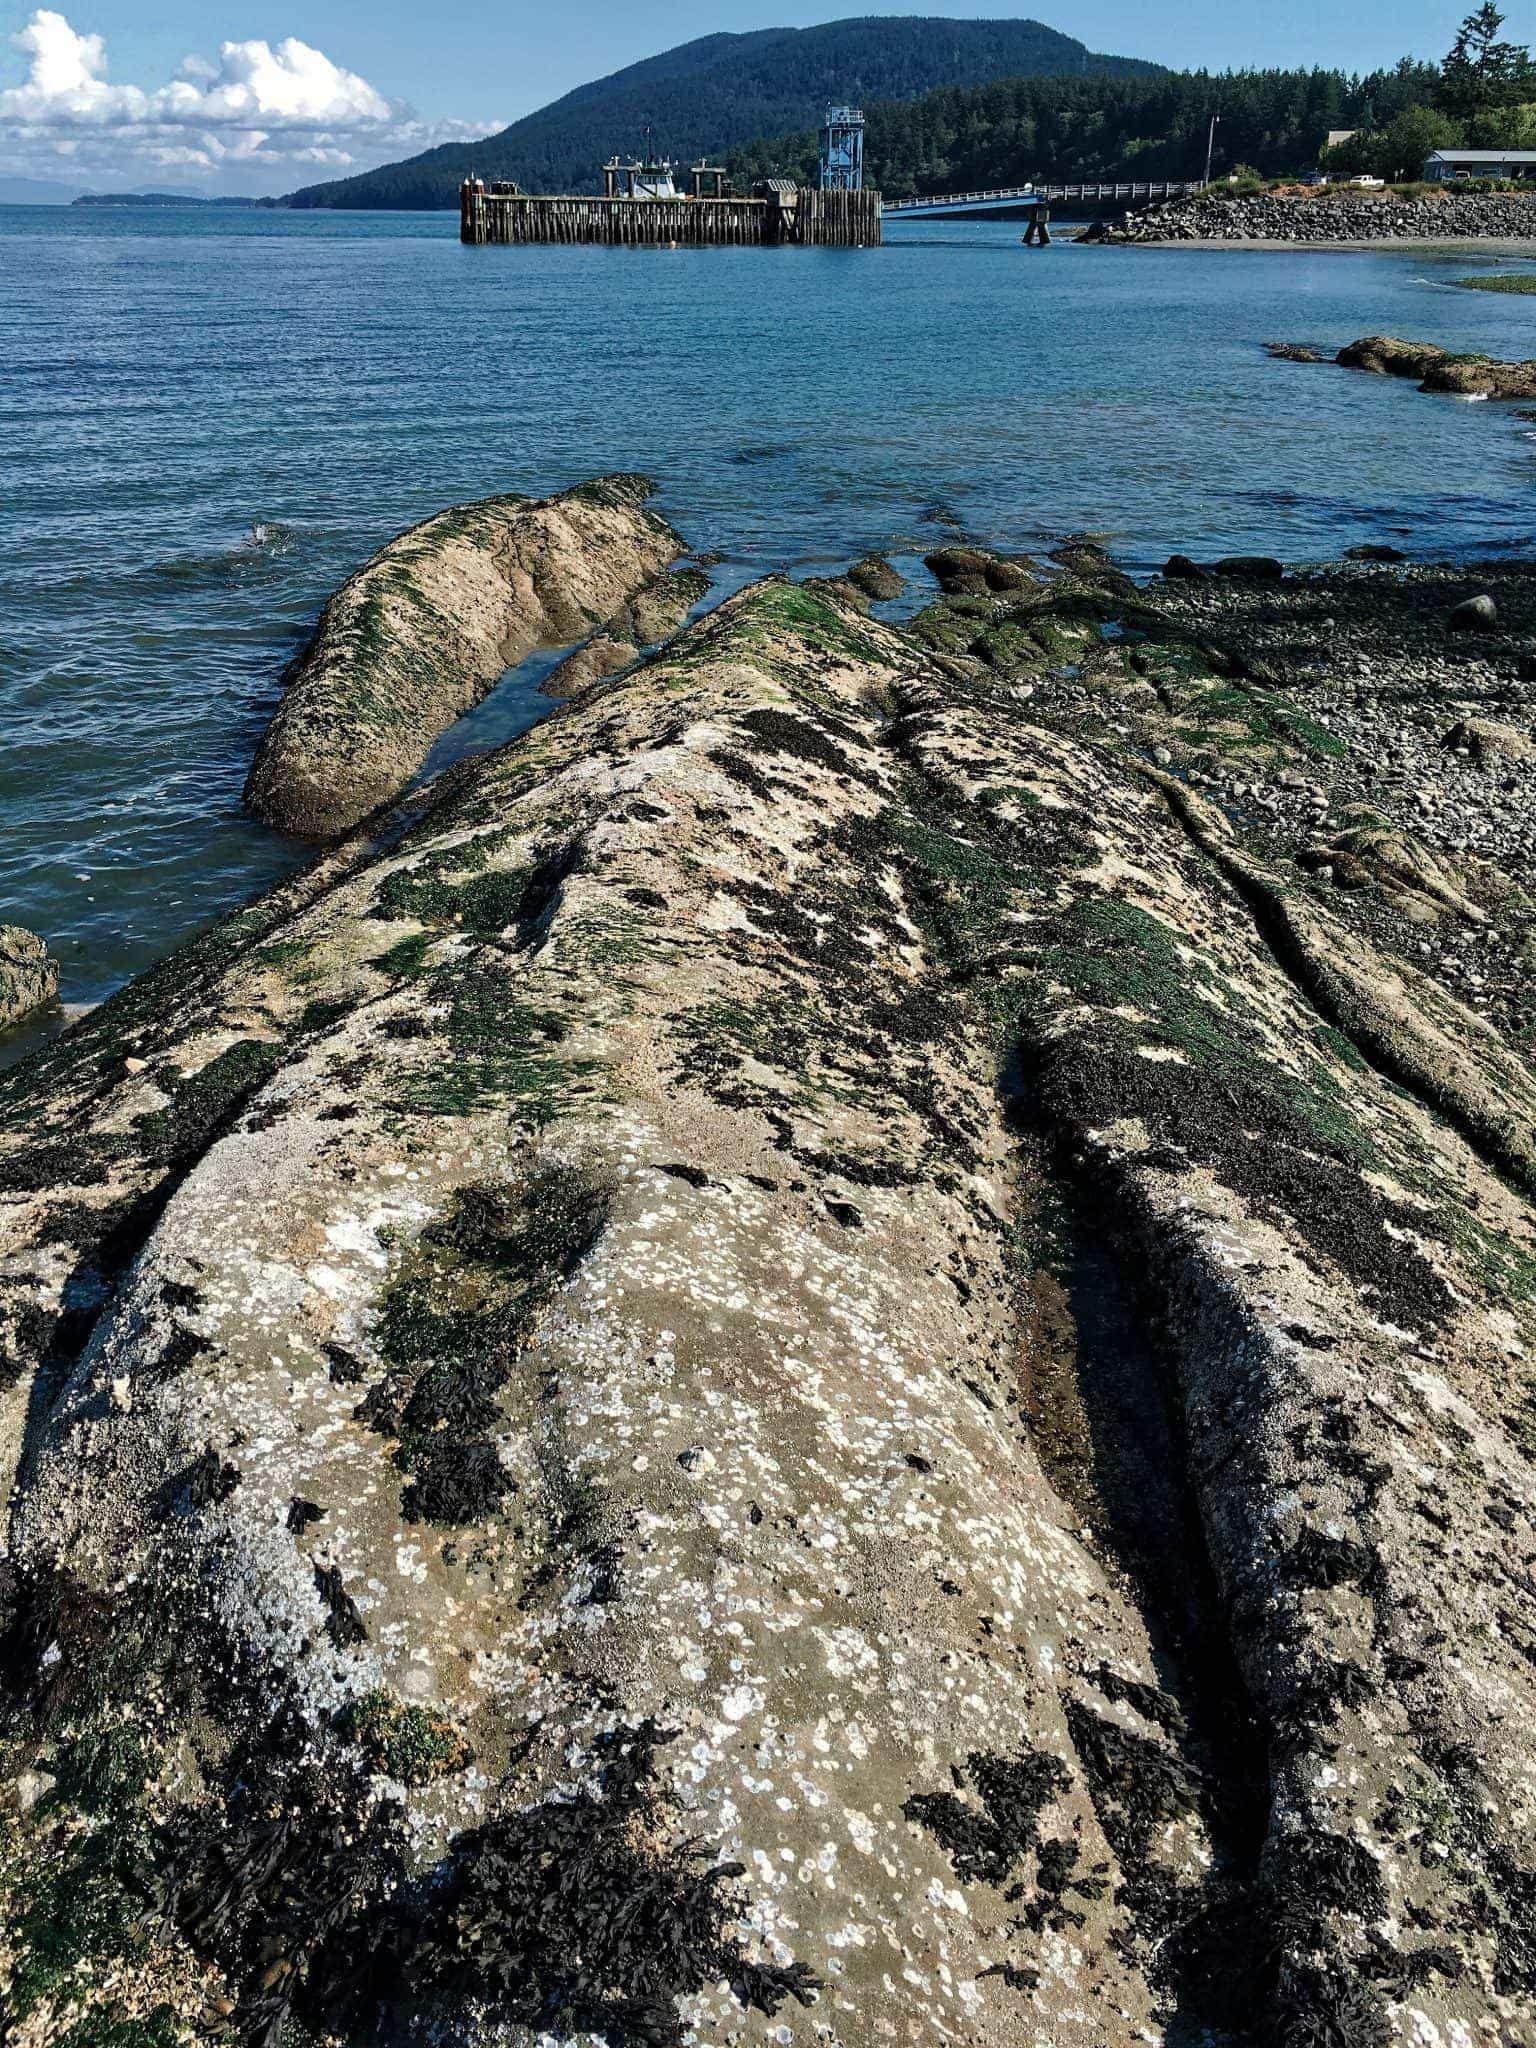 Beach rocks and view towards Lummi Island Ferry